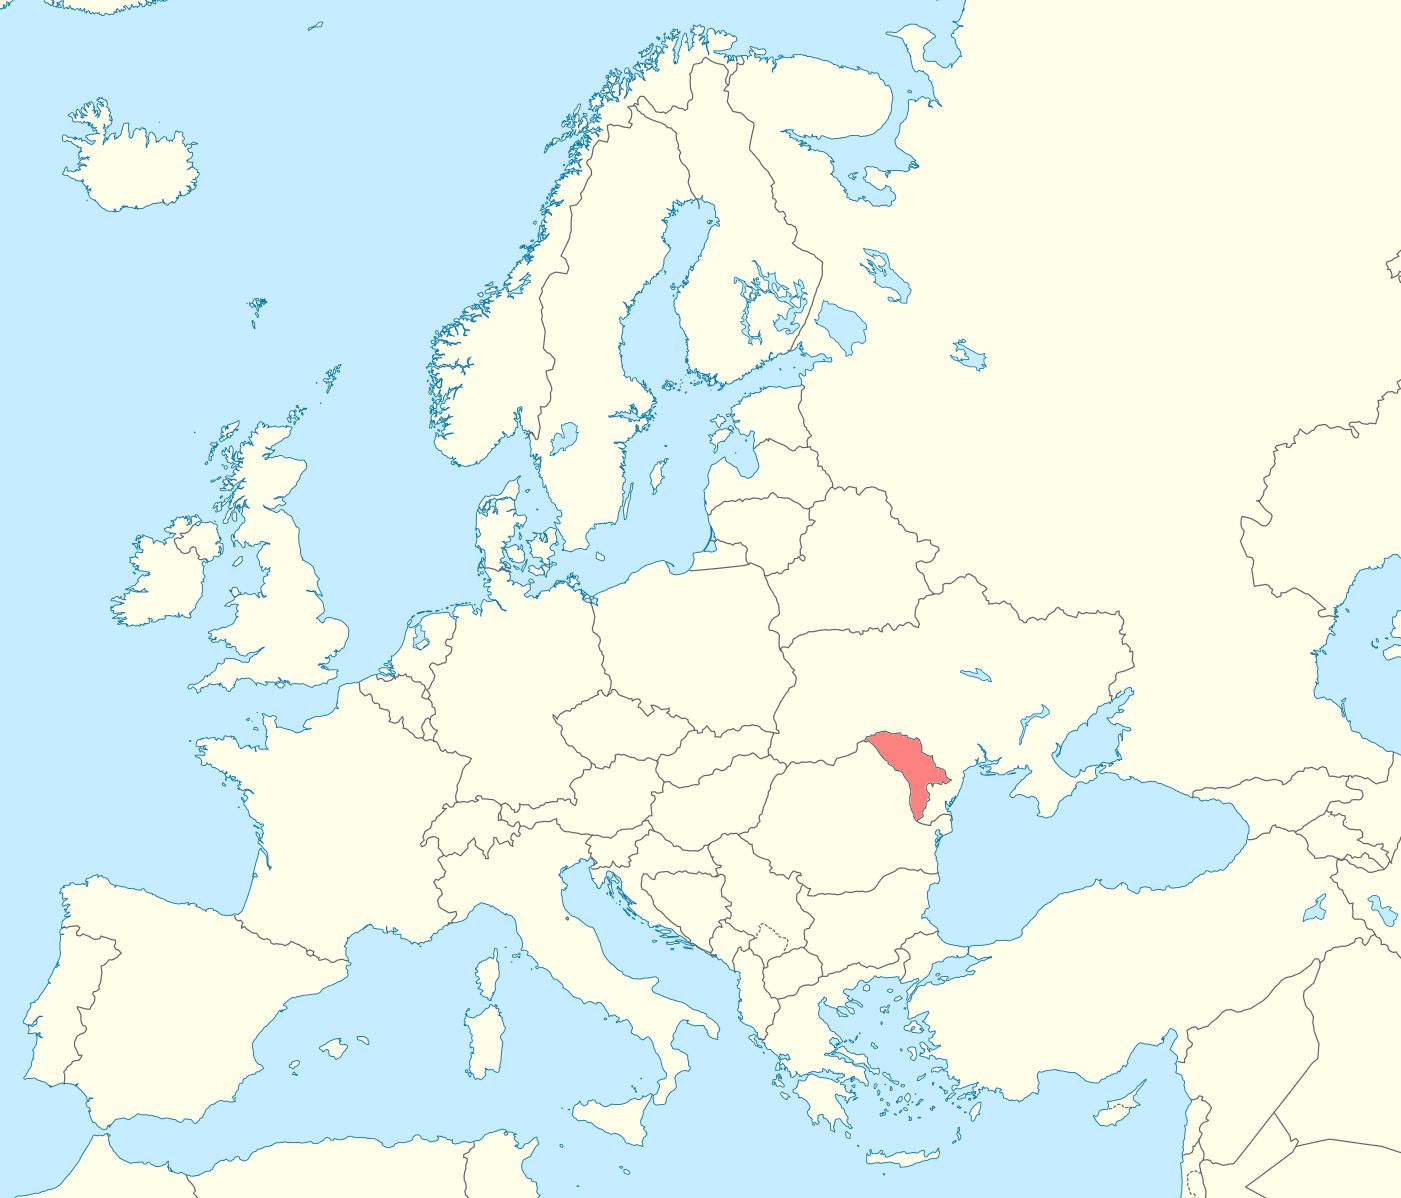 europemoldovapng